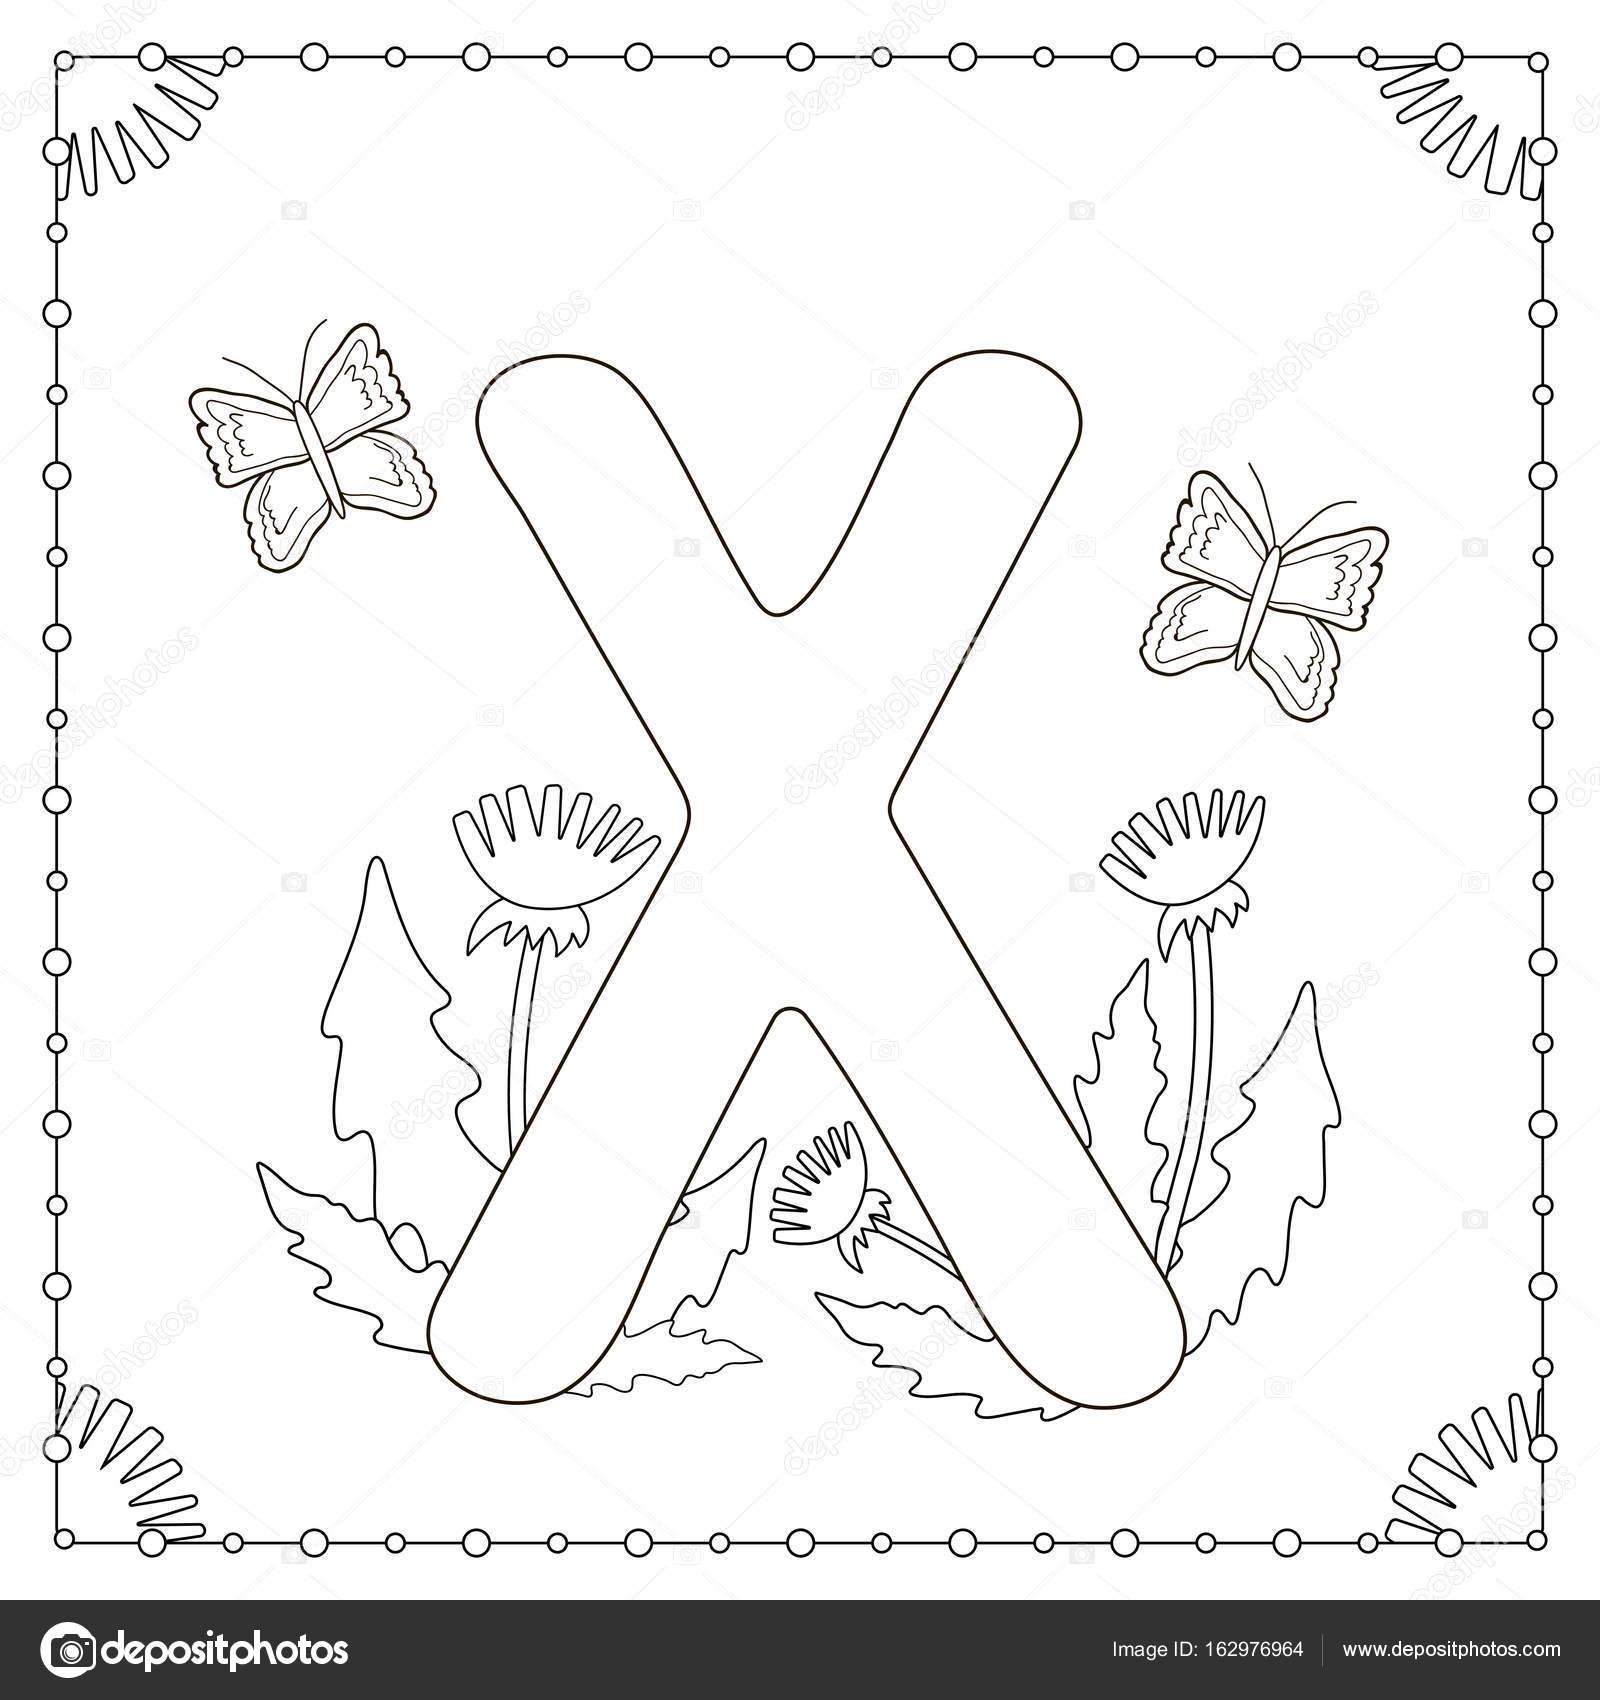 Küçük Harf Harf Boyama Sayfa Doodle Stok Vektör Sanatı Alfabenin